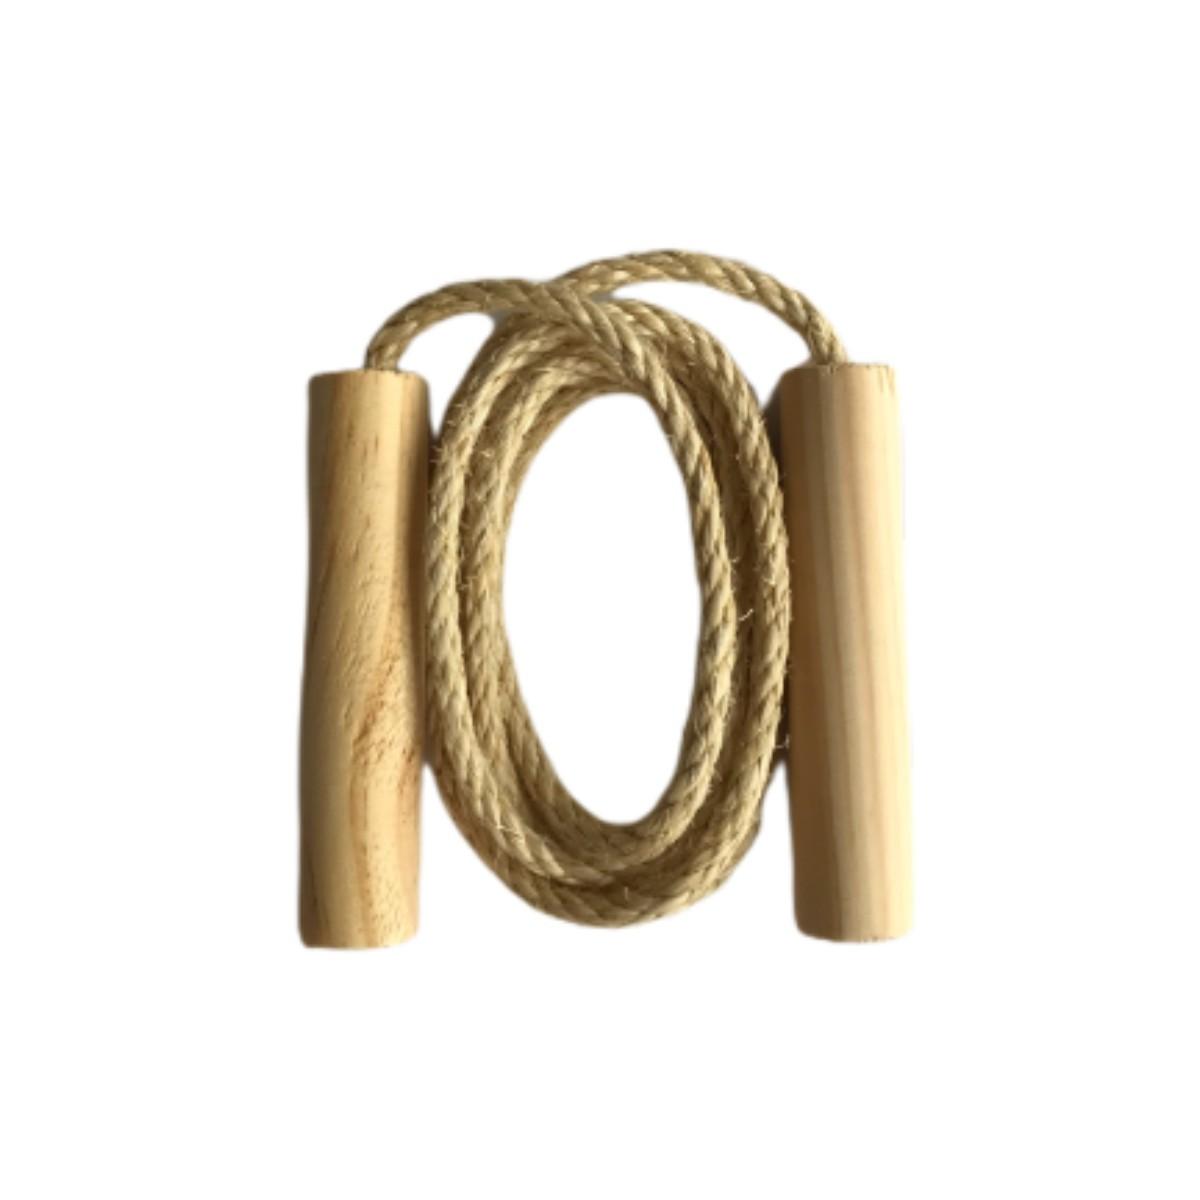 Brinquedo corda de pular infantil 1,8M de sisal MCC Brinquedos